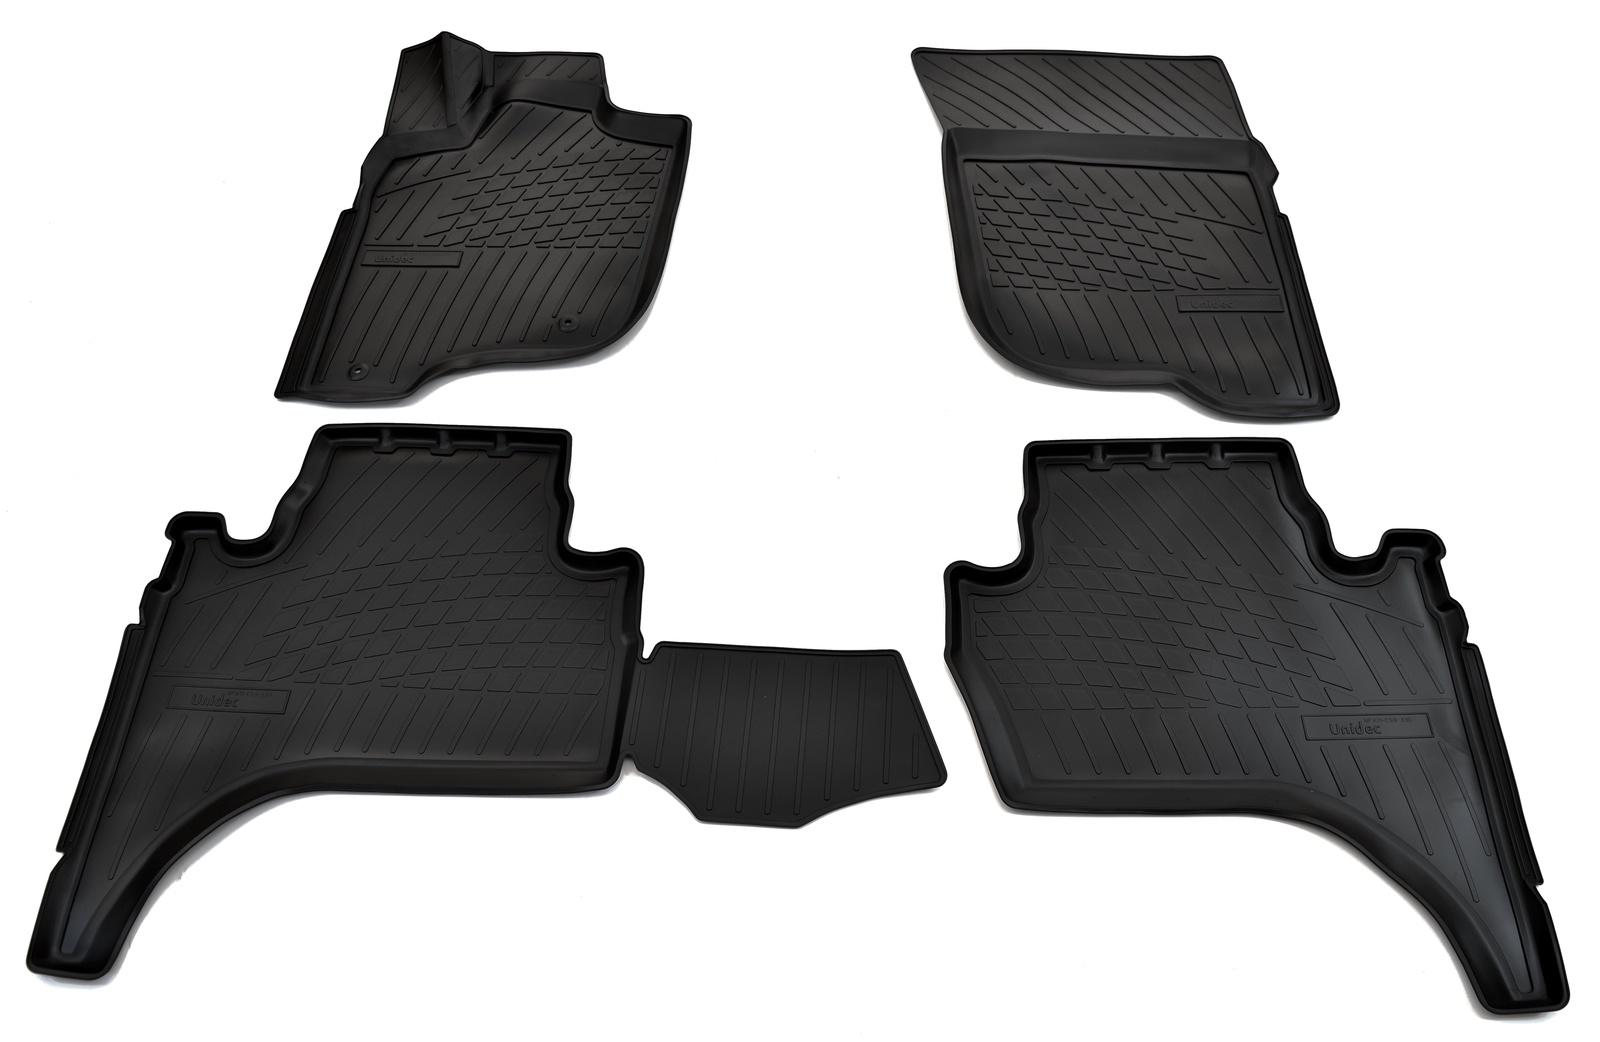 Коврики в салон автомобиля Norplast для Mitsubishi L200 3D (2007), NPA11-C59-330, черный for mitsubishi l200 kb t ka